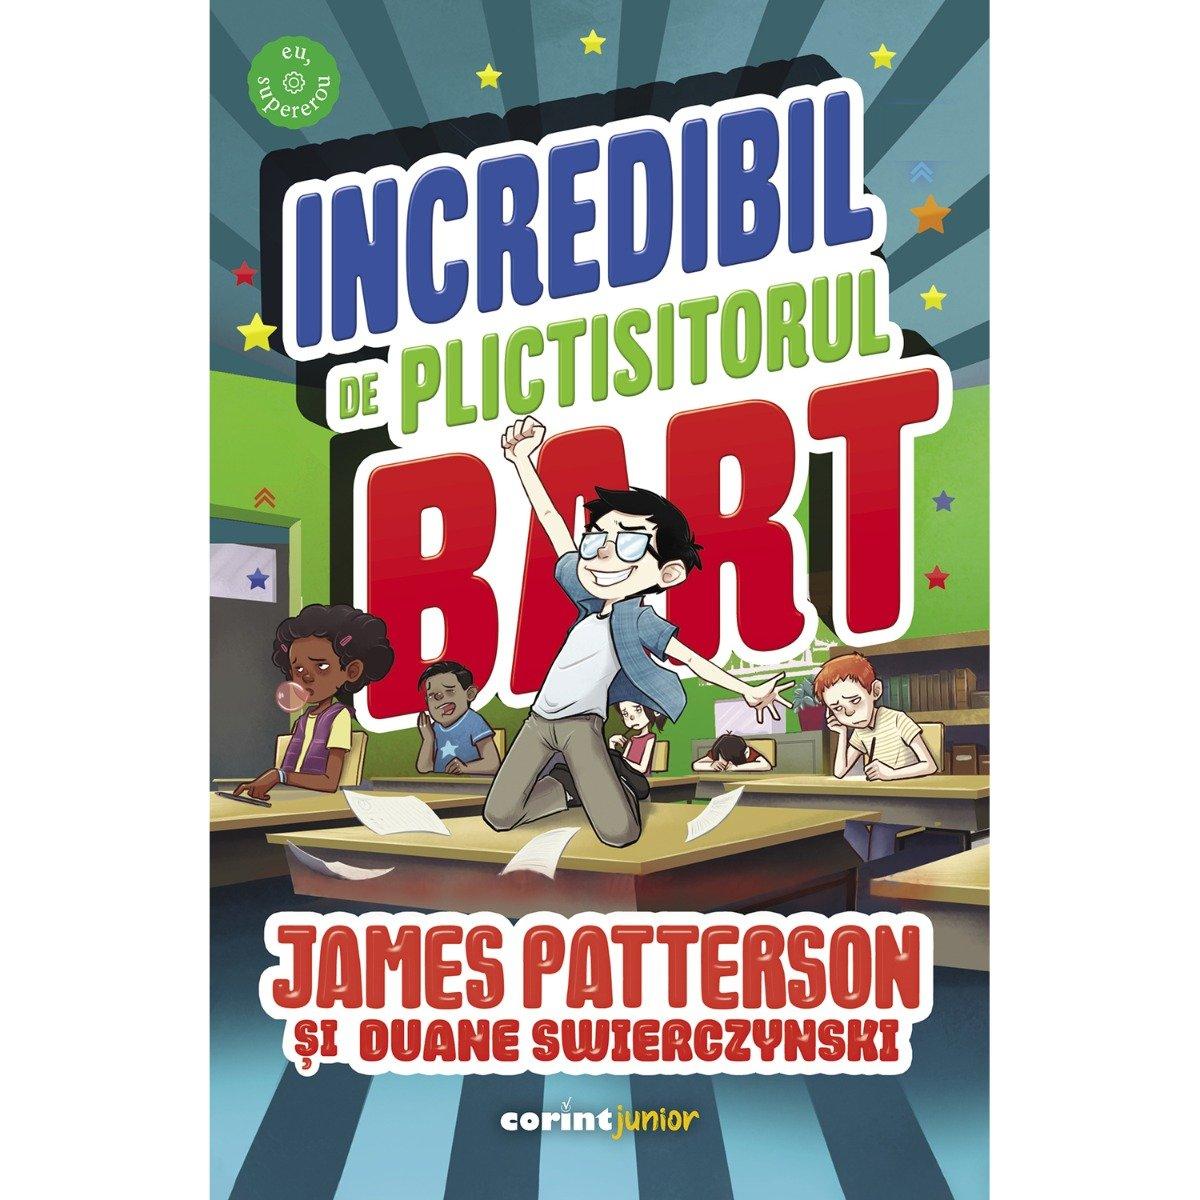 Incredibil de plictisitorul Bart, James Patterson, Duane Swierczynski